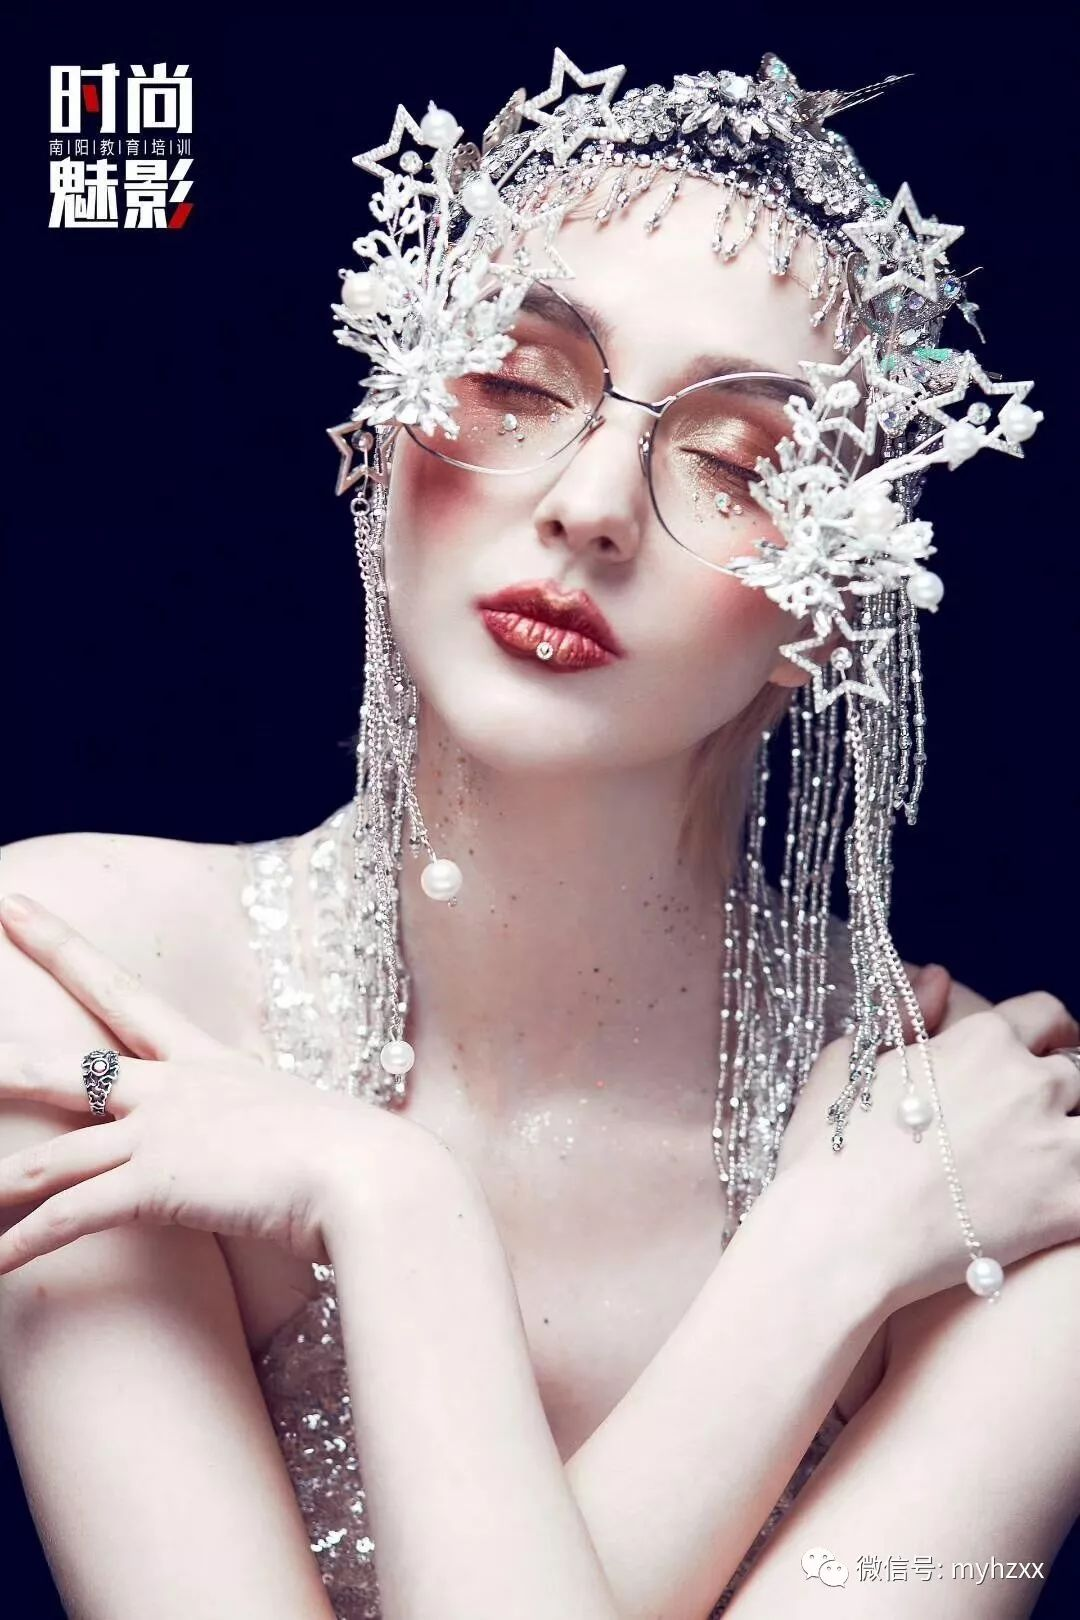 夸张的创意烟熏妆容, 如果你化妆师请记得收藏一下!